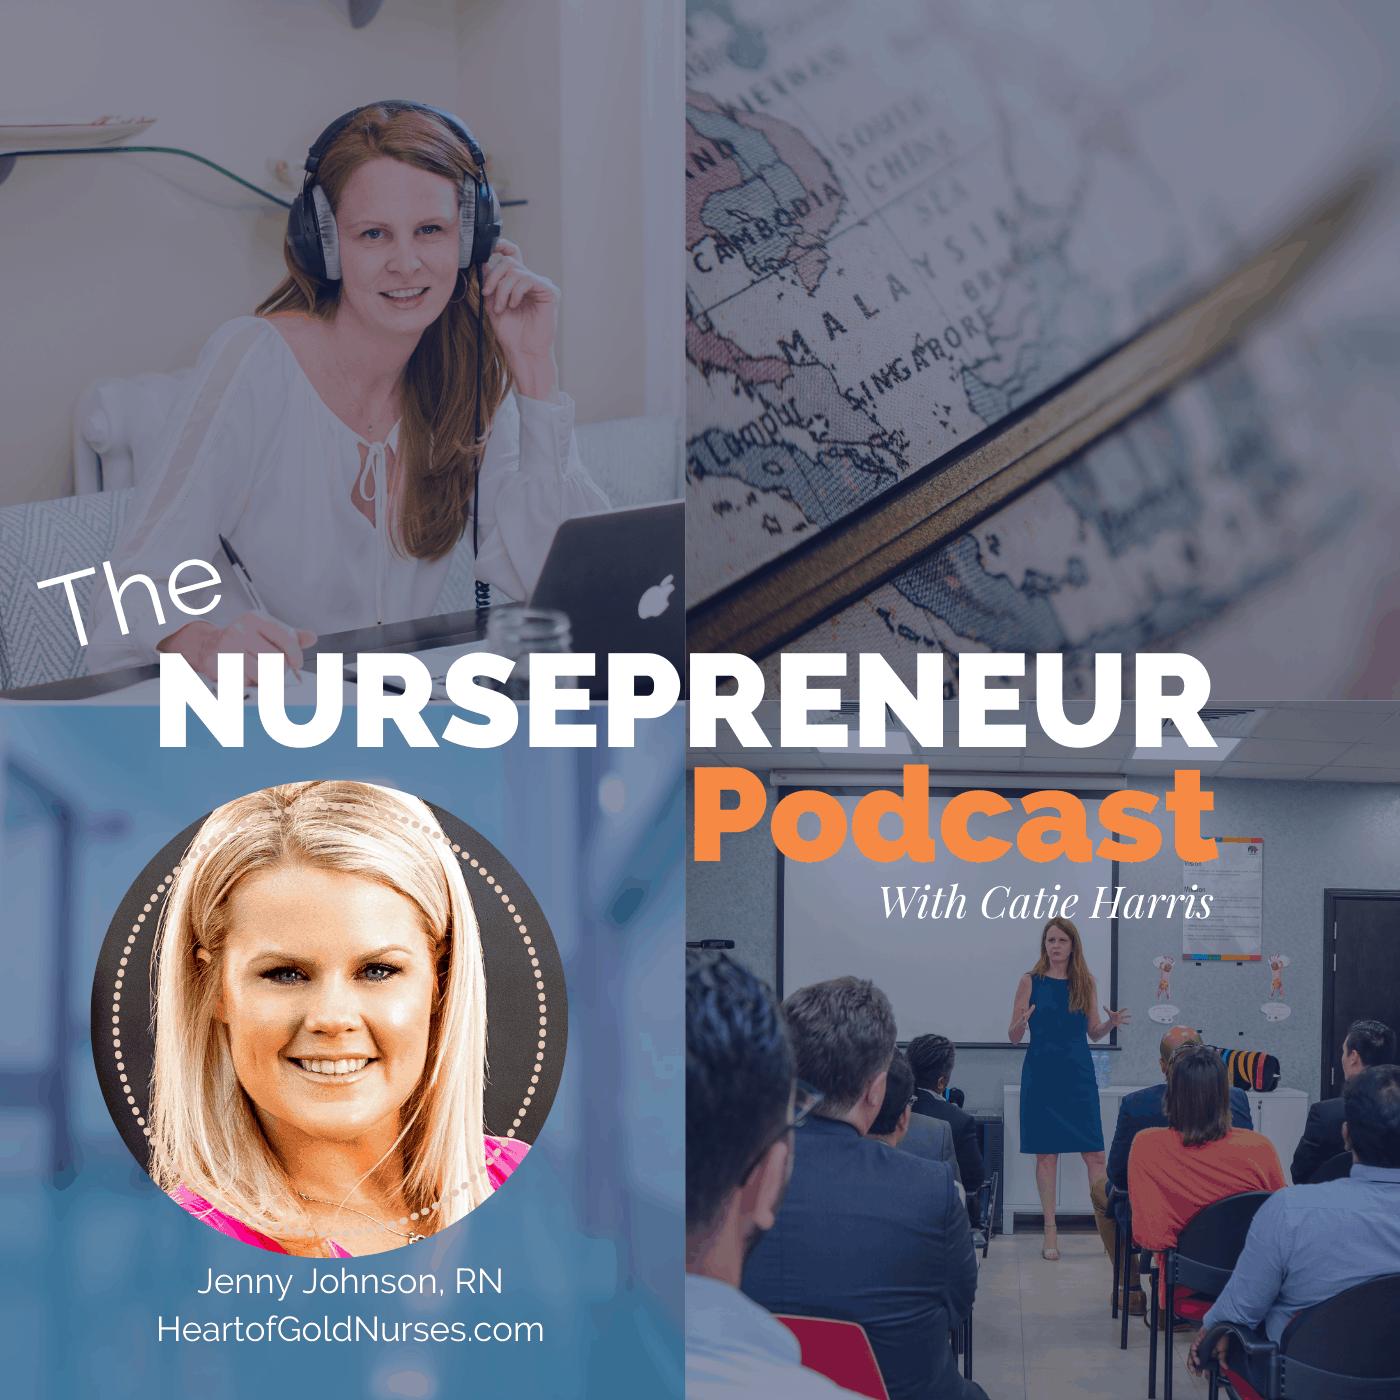 Heart of Gold Nursing NursePreneur Podcast